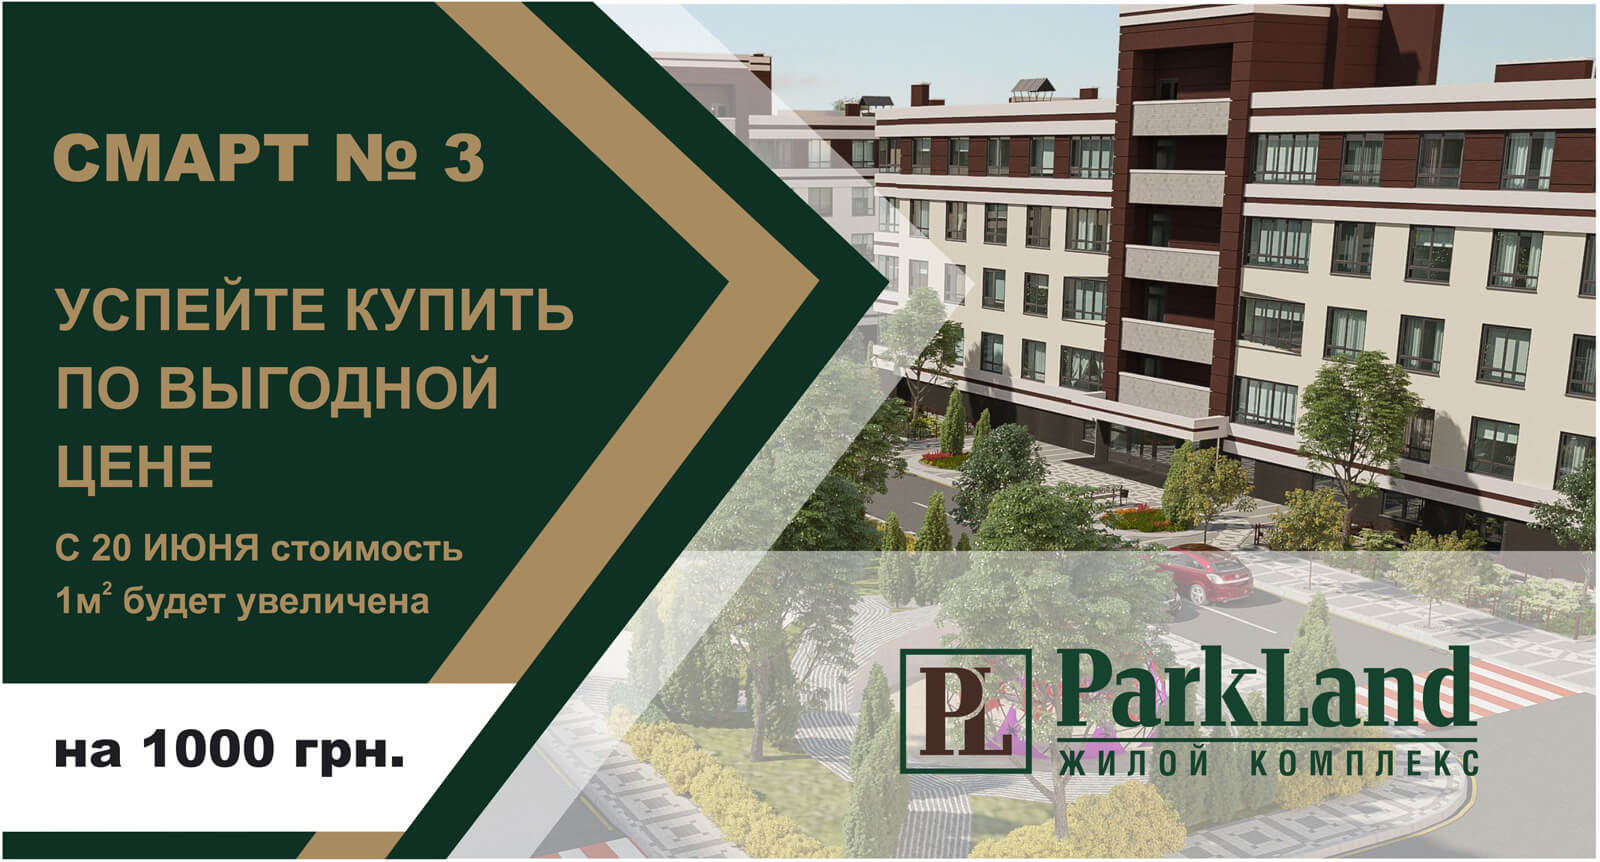 akzija-smart3-3-ru